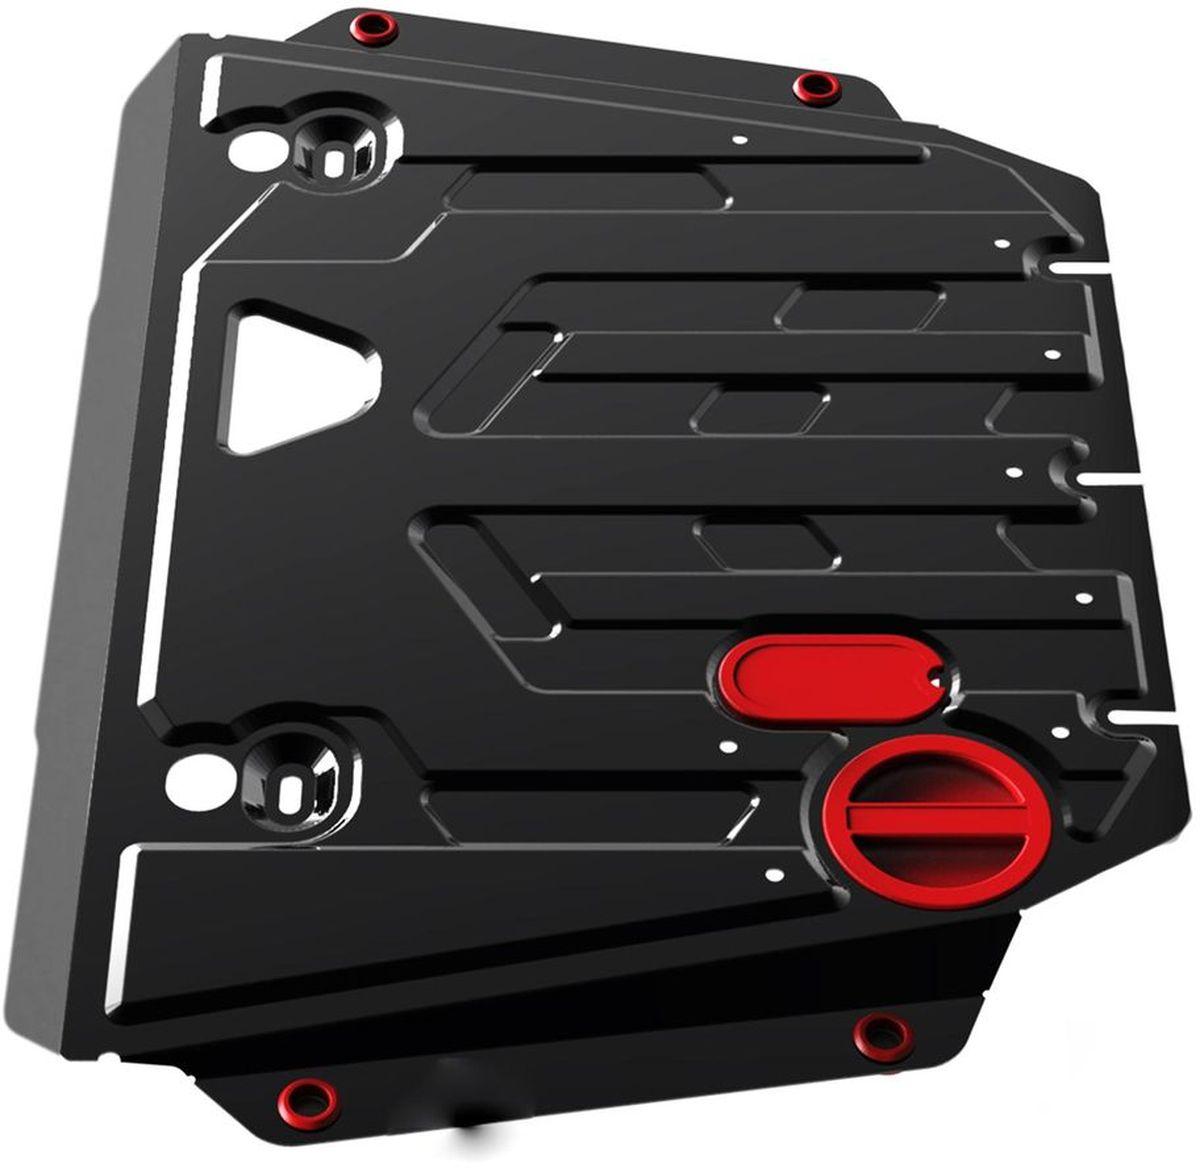 Защита картера и КПП Автоброня, для Ford MondeoV - 2,5Т(2007-)/ Ford S-MaxV - 2,5Т(2006-)240000Технологически совершенный продукт за невысокую стоимость.Защита разработана с учетом особенностей днища автомобиля, что позволяет сохранить дорожный просвет с минимальным изменением.Защита устанавливается в штатные места кузова автомобиля. Глубокий штамп обеспечивает до двух раз больше жесткости в сравнении с обычной защитой той же толщины. Проштампованные ребра жесткости препятствуют деформации защиты при ударах.Тепловой зазор и вентиляционные отверстия обеспечивают сохранение температурного режима двигателя в норме. Скрытый крепеж предотвращает срыв крепежных элементов при наезде на препятствие.Шумопоглощающие резиновые элементы обеспечивают комфортную езду без вибраций и скрежета металла, а съемные лючки для слива масла и замены фильтра - экономию средств и время.Конструкция изделия не влияет на пассивную безопасность автомобиля (при ударе защита не воздействует на деформационные зоны кузова). Со штатным крепежом. В комплекте инструкция по установке.Толщина стали: 2 мм.Уважаемые клиенты!Обращаем ваше внимание, что элемент защиты имеет форму, соответствующую модели данного автомобиля. Фото служит для визуального восприятия товара и может отличаться от фактического.